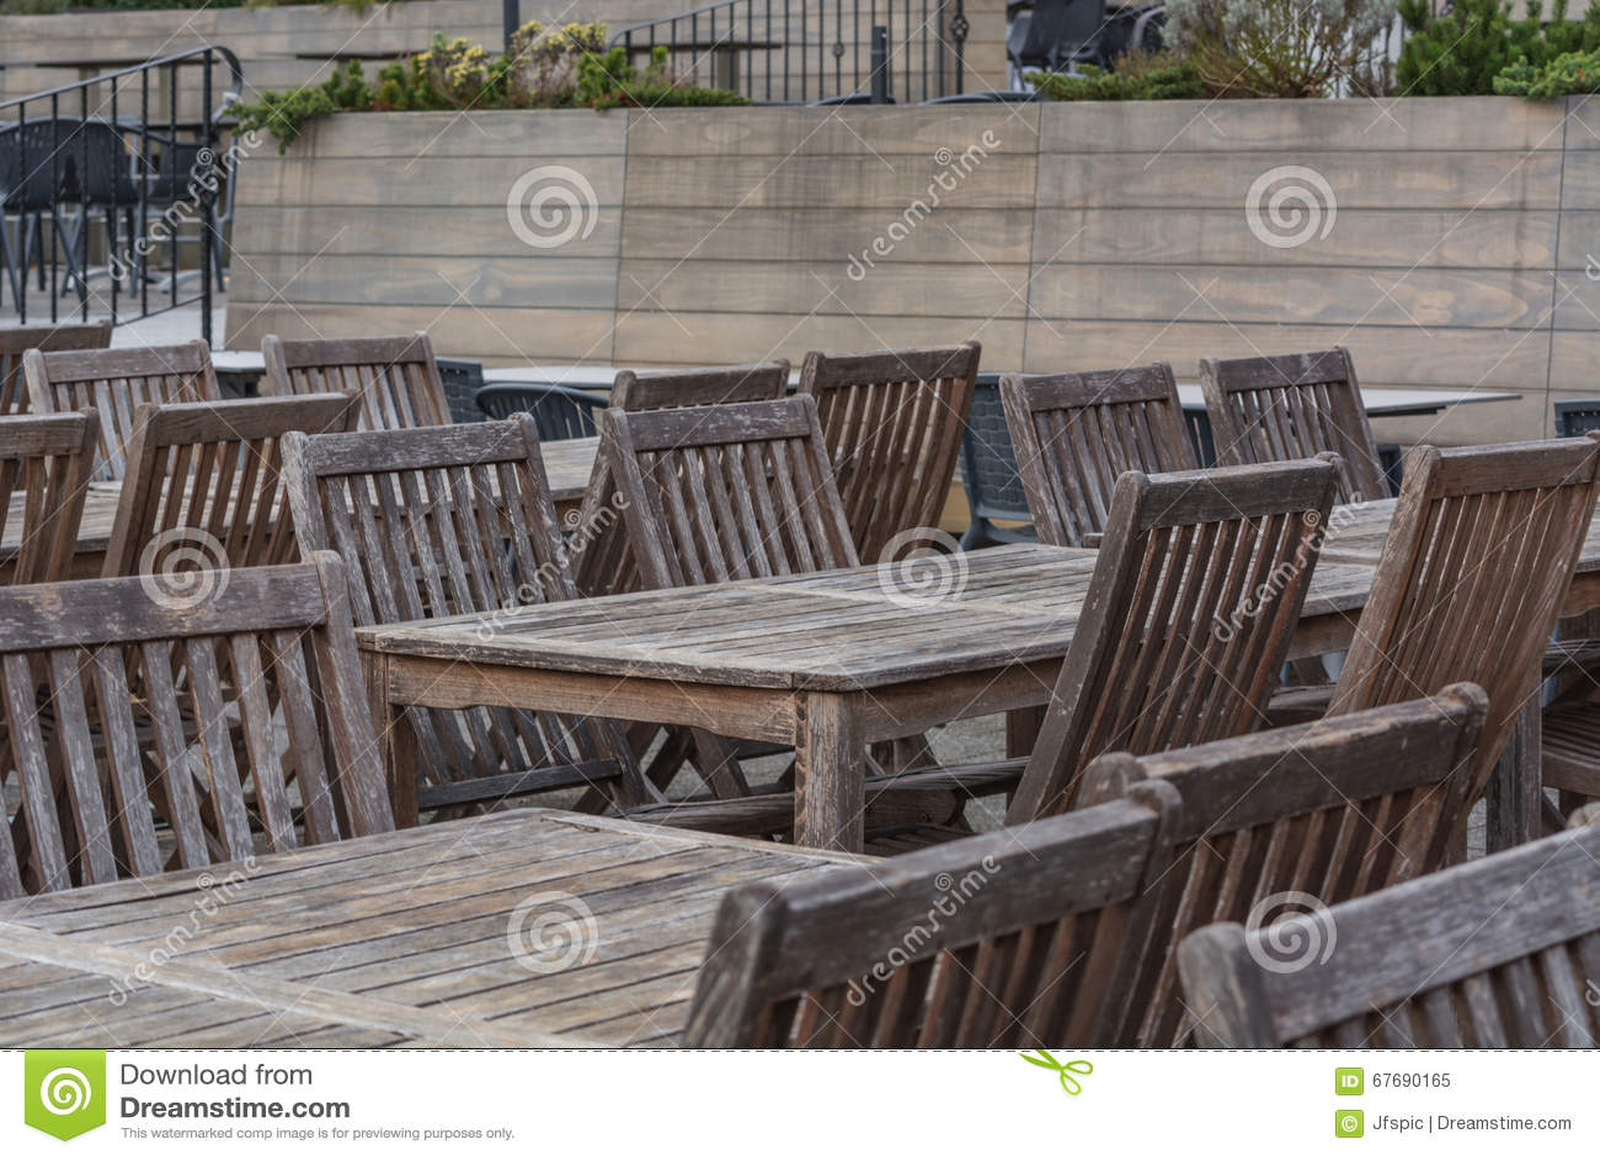 beer garden wooden tables stock image 67690165. Black Bedroom Furniture Sets. Home Design Ideas